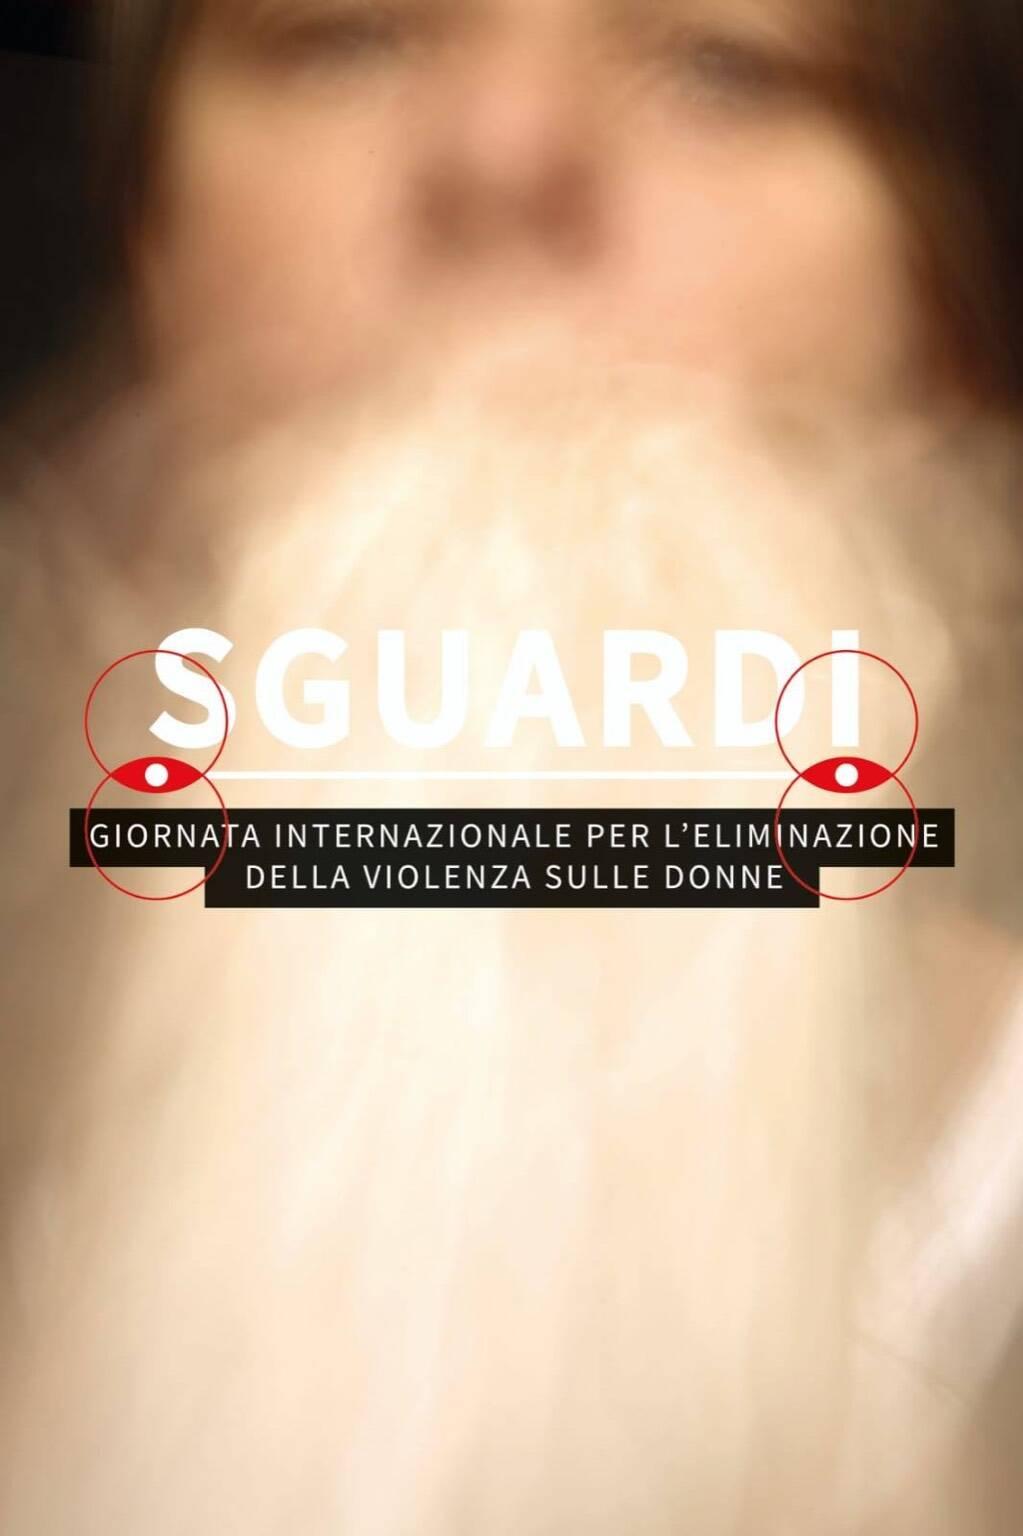 25 novembre 2020, iniziative giornata violenza sulle donne